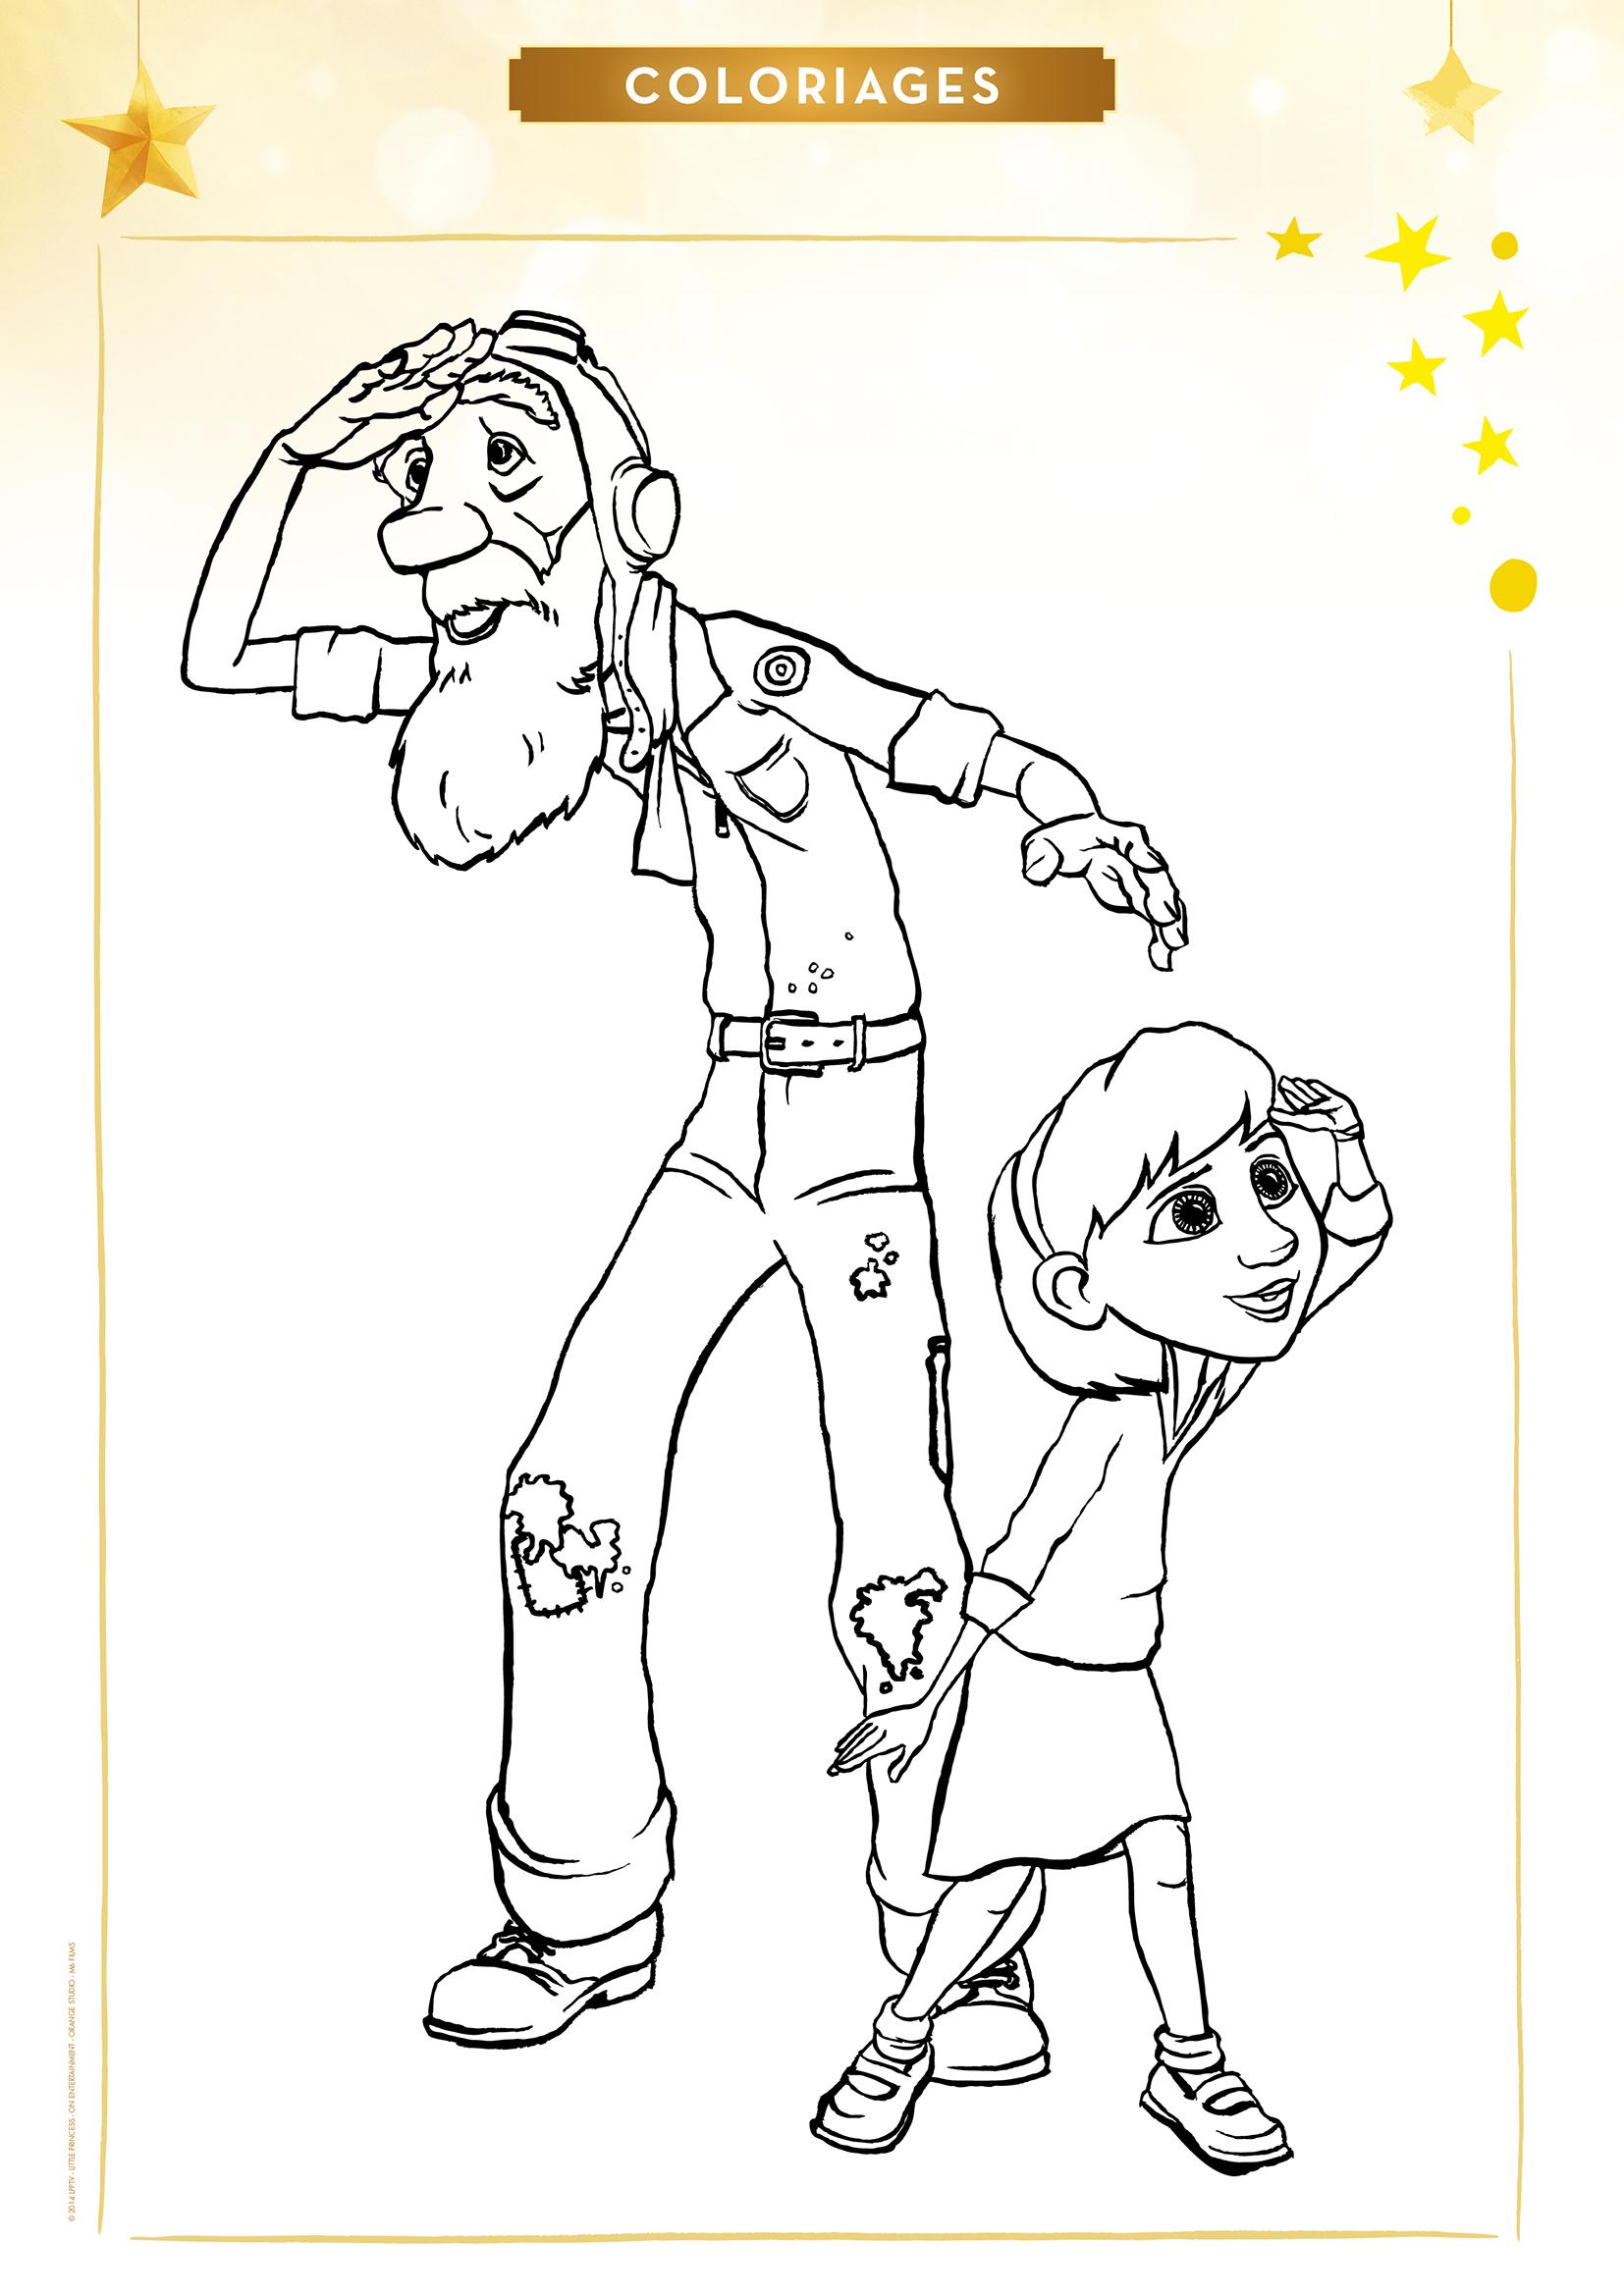 Coloriage L'Aviateur et la Petite Fille